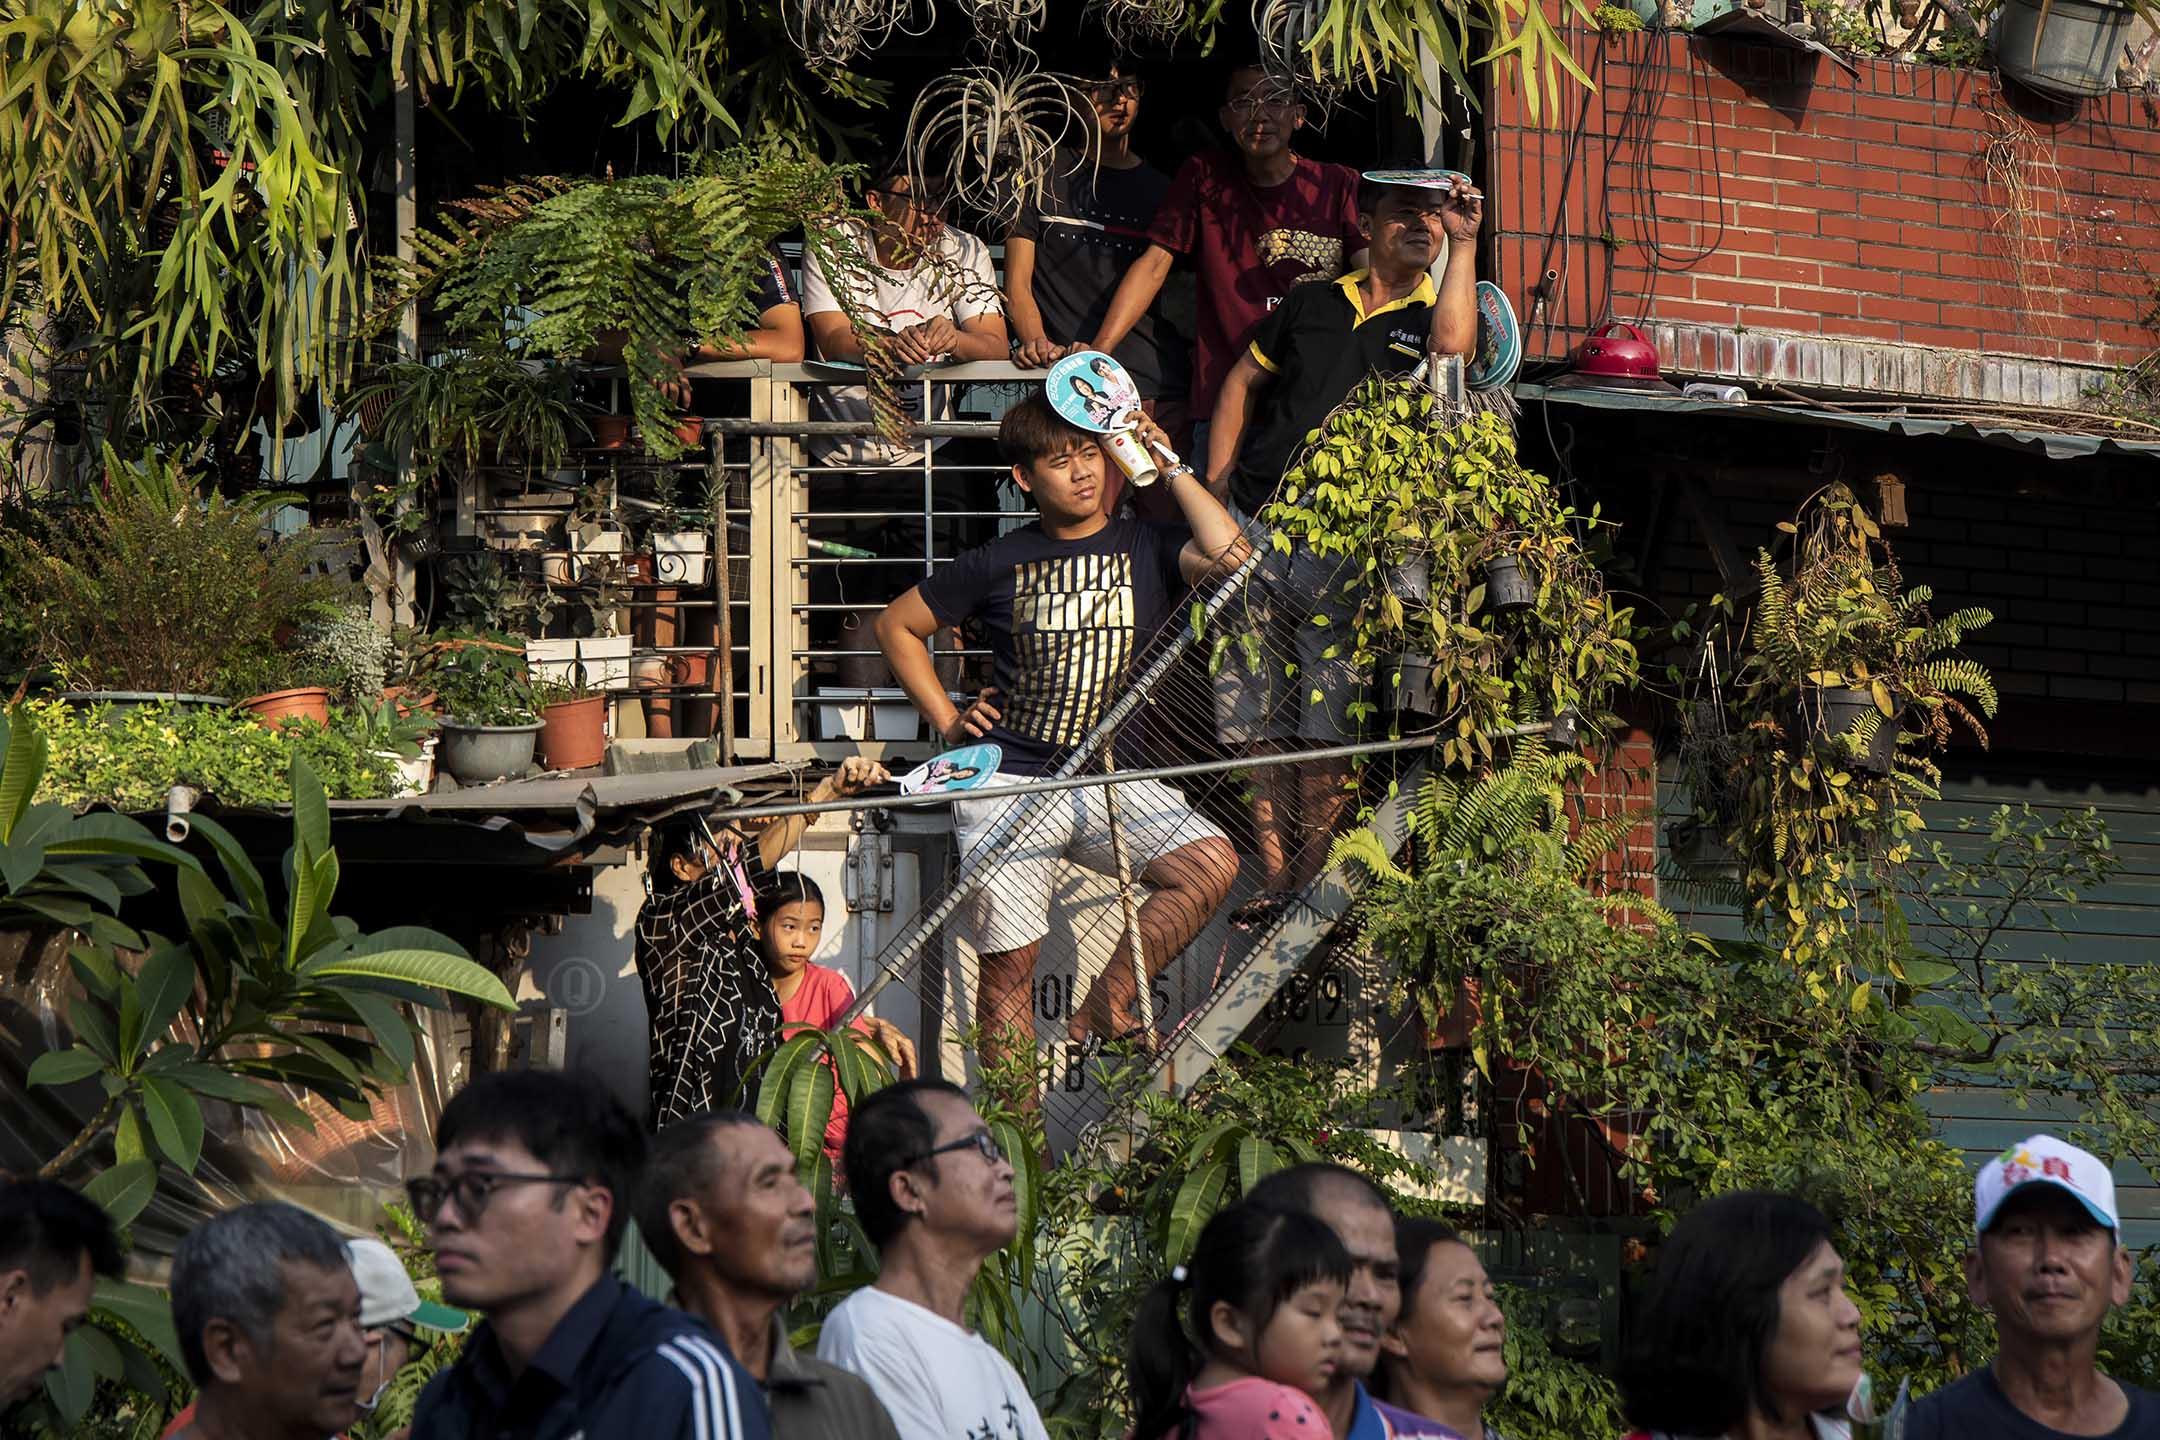 2019年11月4日,蔡英文在高雄宮廟參香期間,居民在家外拿著宣傳品遠觀。 攝:陳焯煇/端傳媒